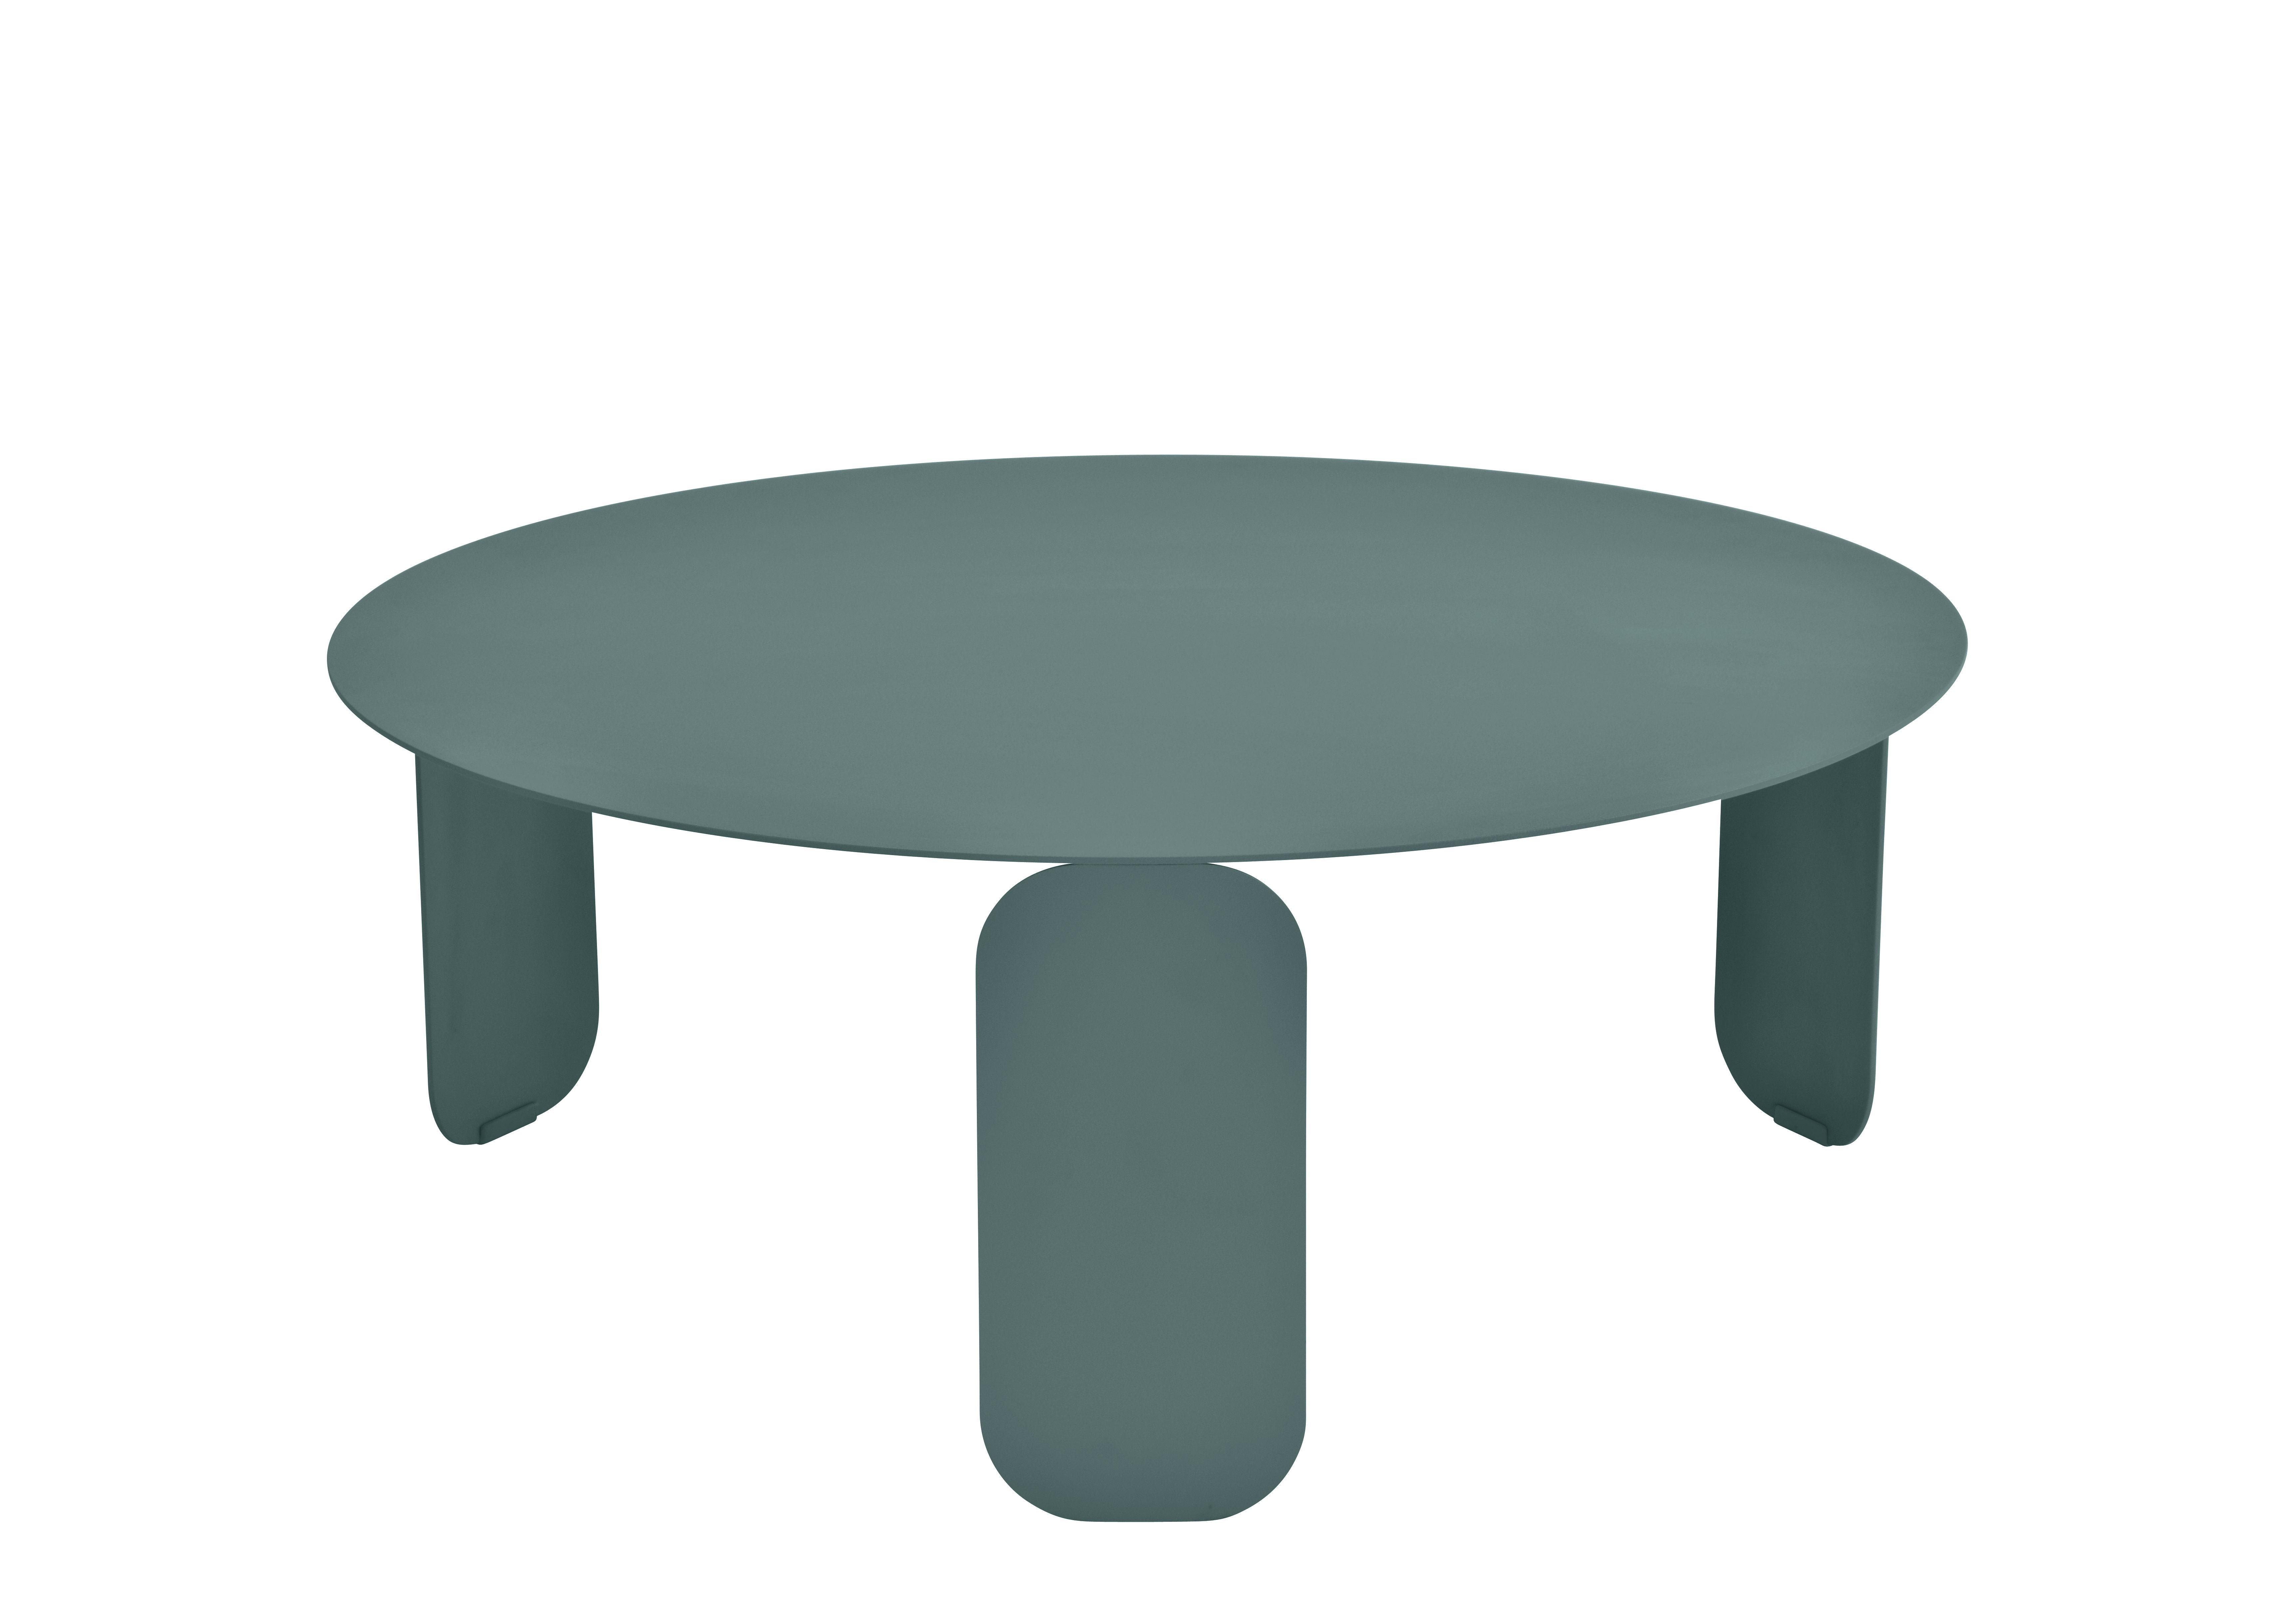 Arredamento - Tavolini  - Tavolino Bebop - / Ø 80 cm di Fermob - Grigio temporale - Acciaio, Alluminio